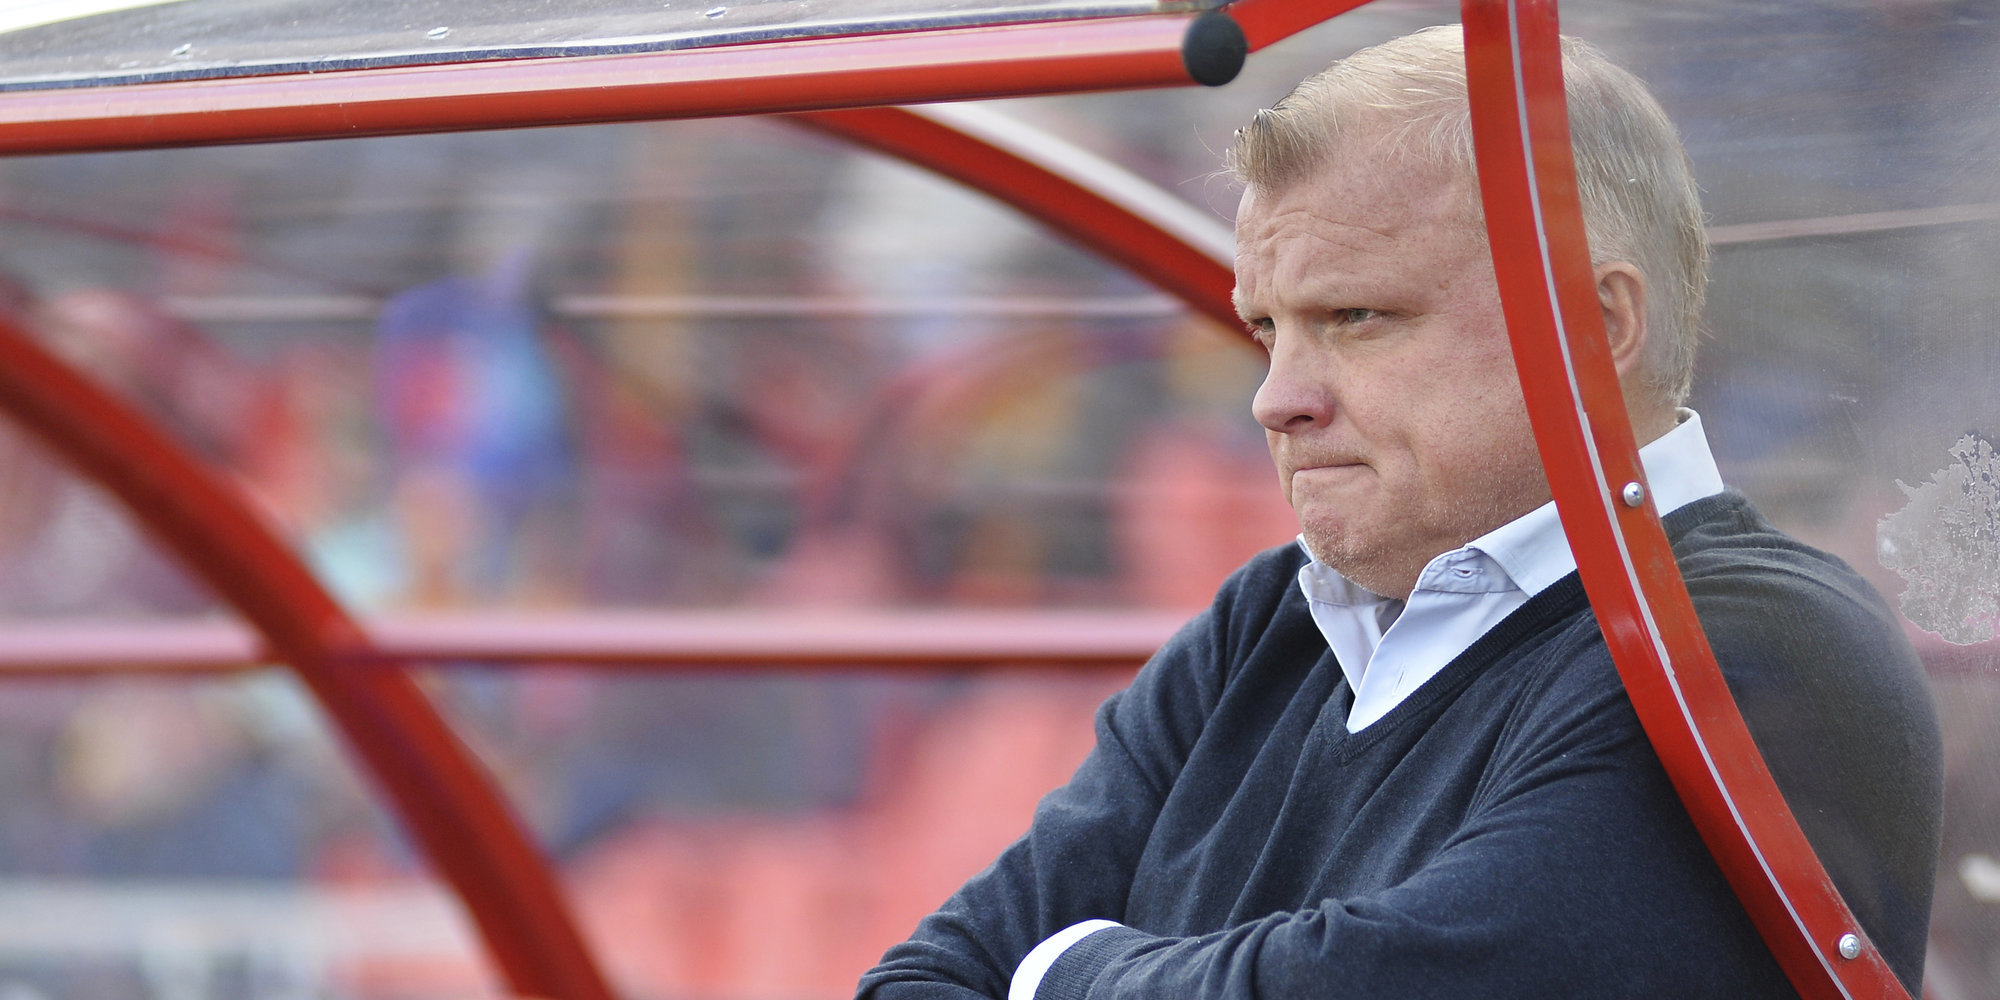 Сергей Кирьяков: «Зенит» — однозначный фаворит матча с «Арсеналом», но в кубковых встречах всегда есть элемент неожиданности»